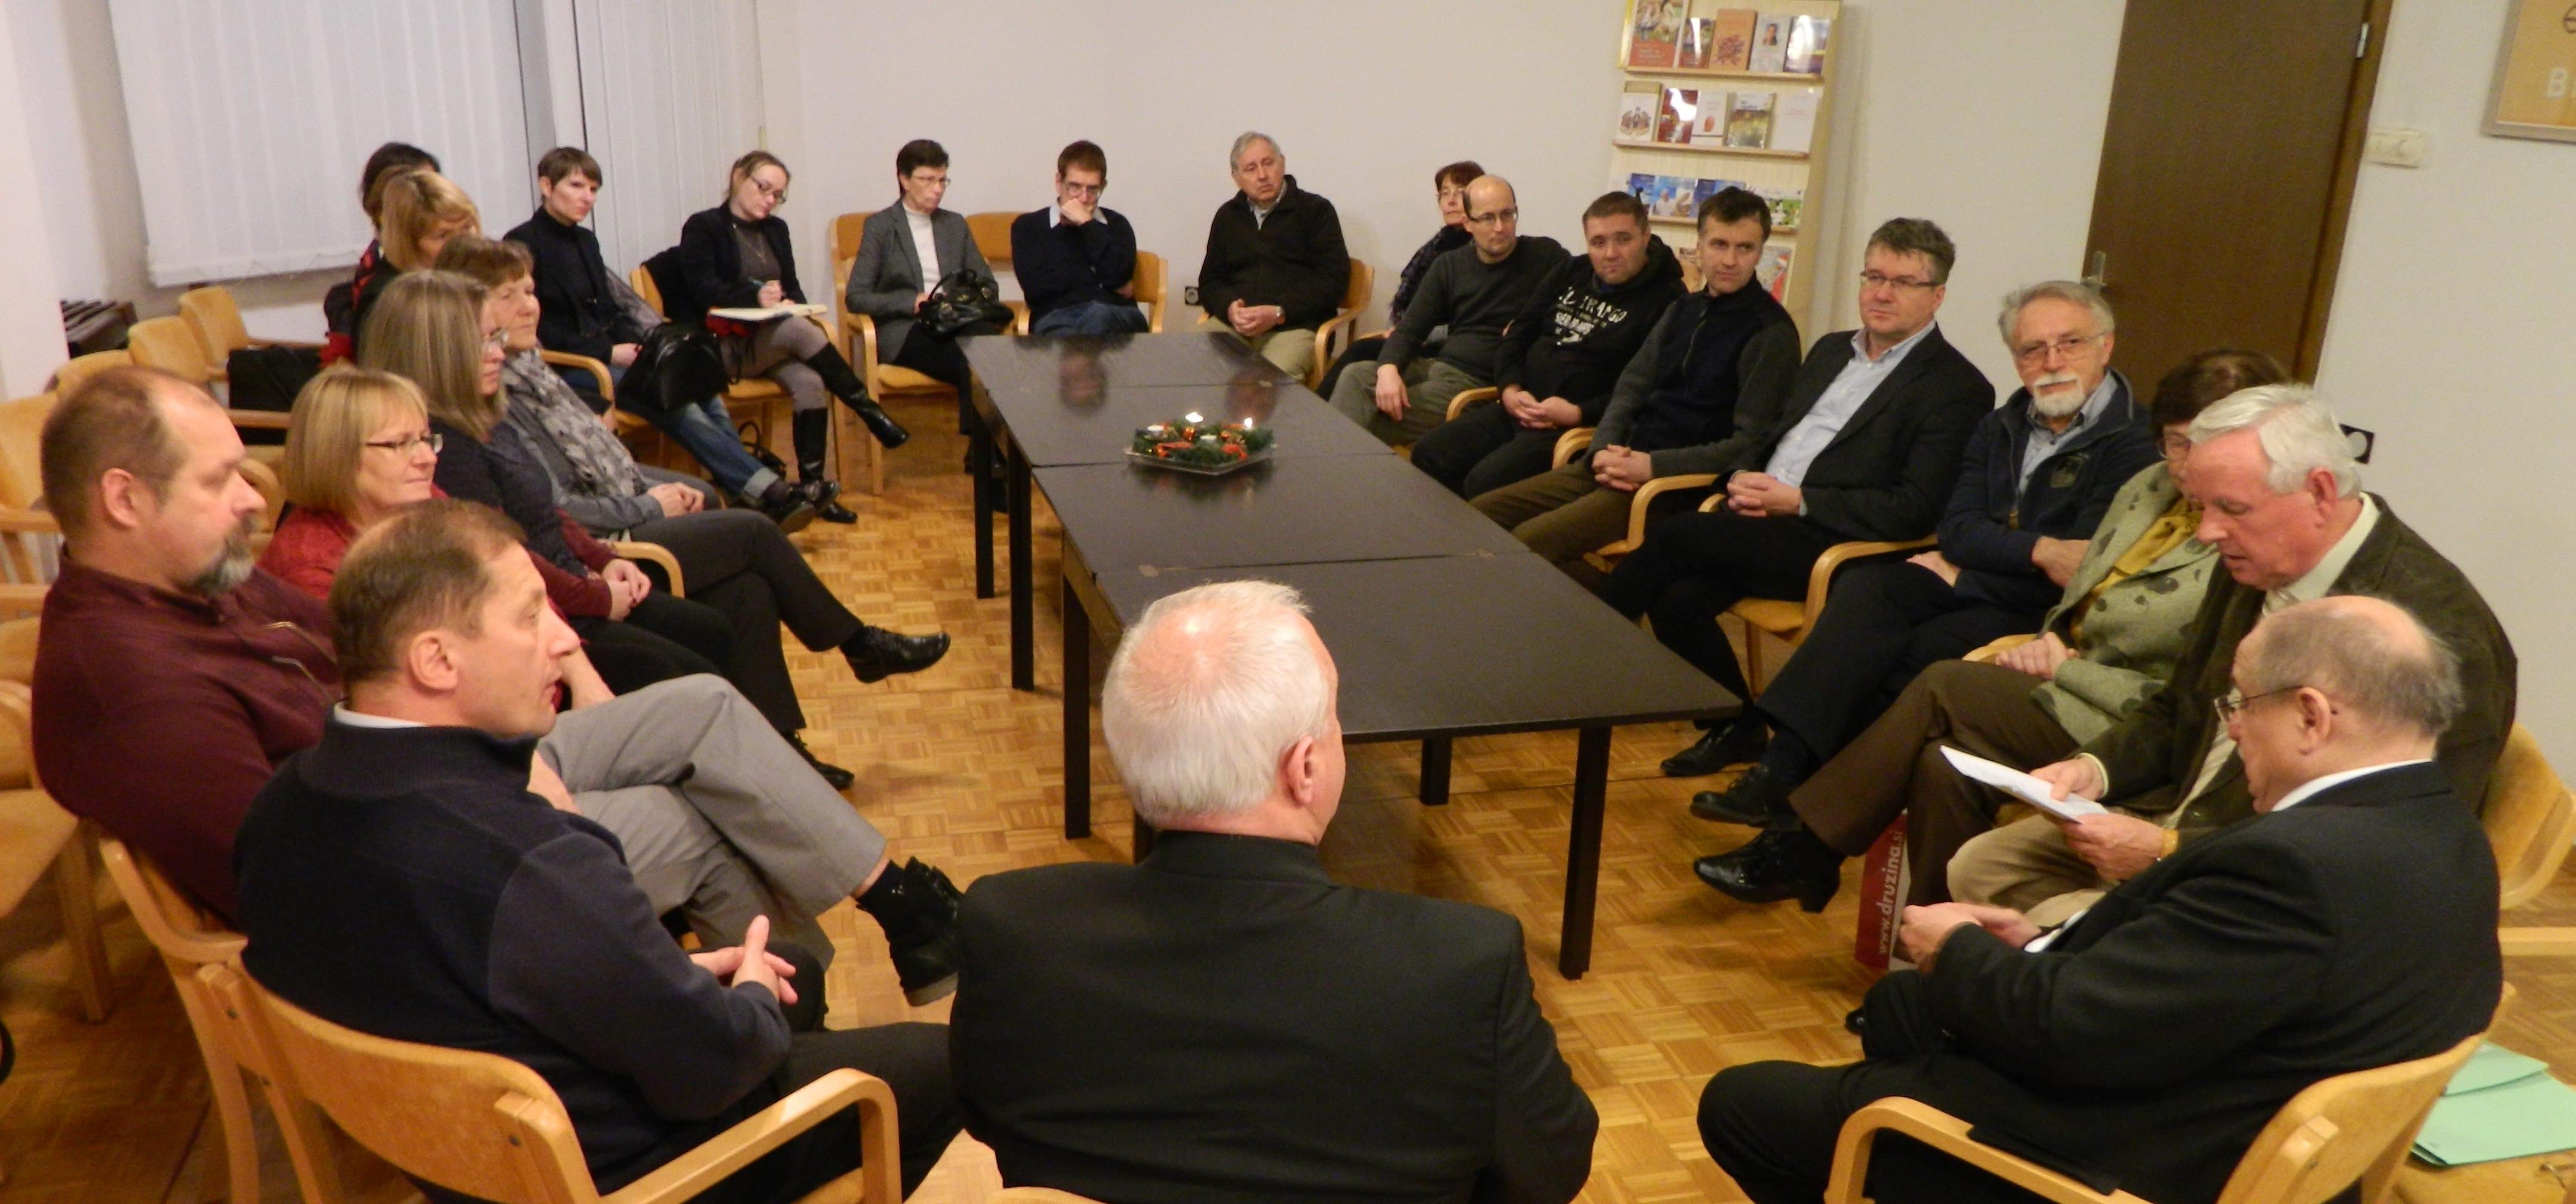 Slovénie : Nouvelles avancées d'Ensemble pour l'Europe